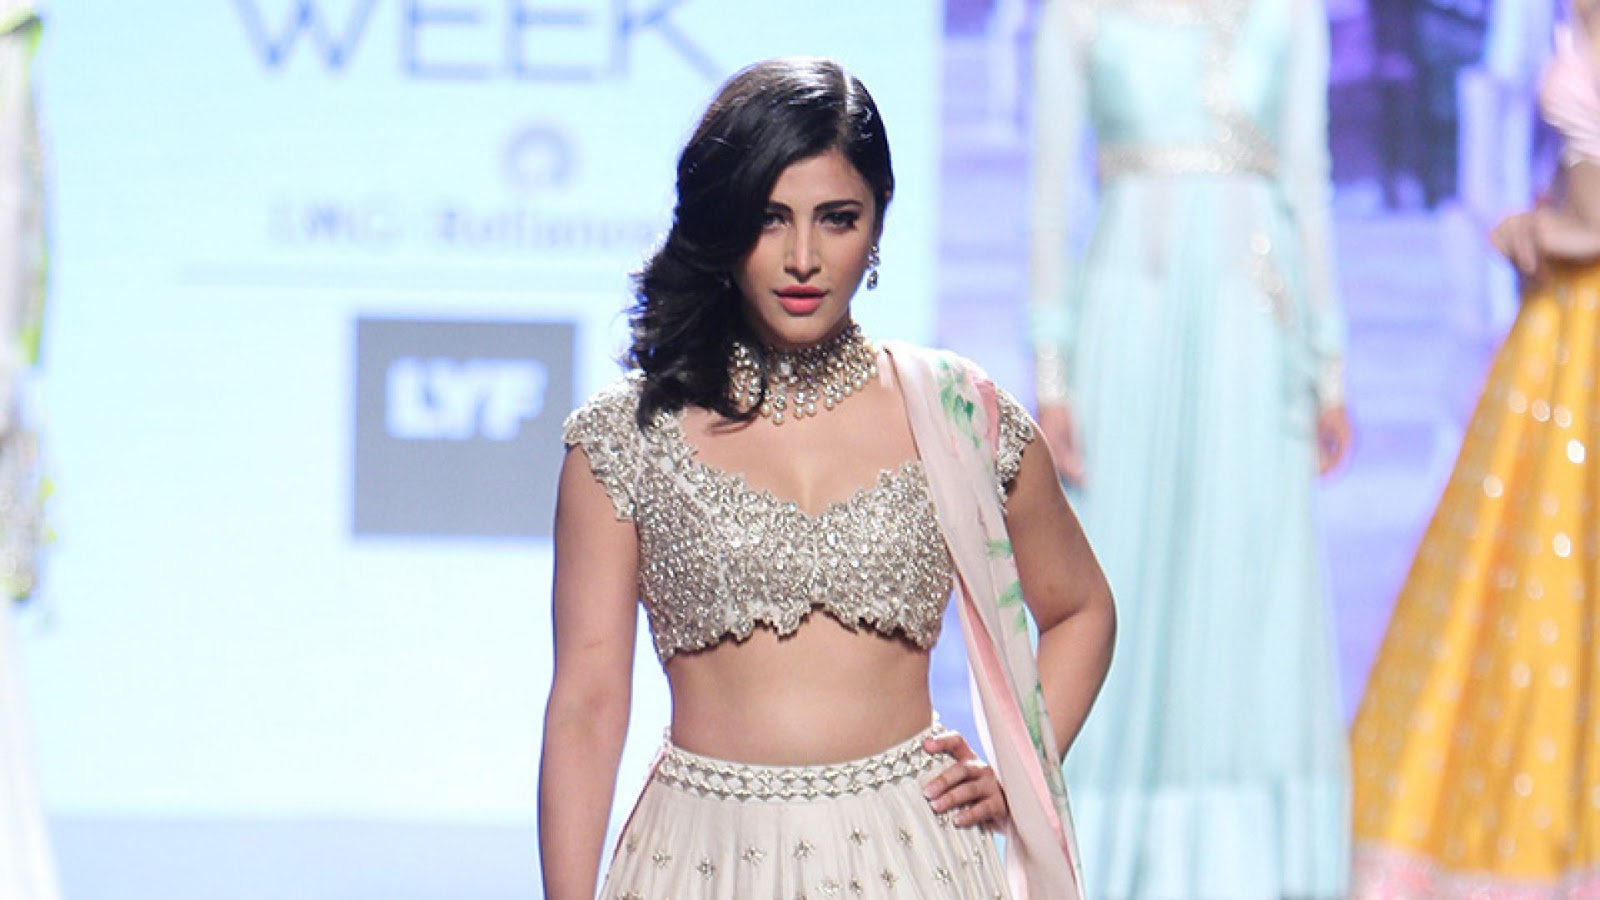 Lakme fashion show mms clips